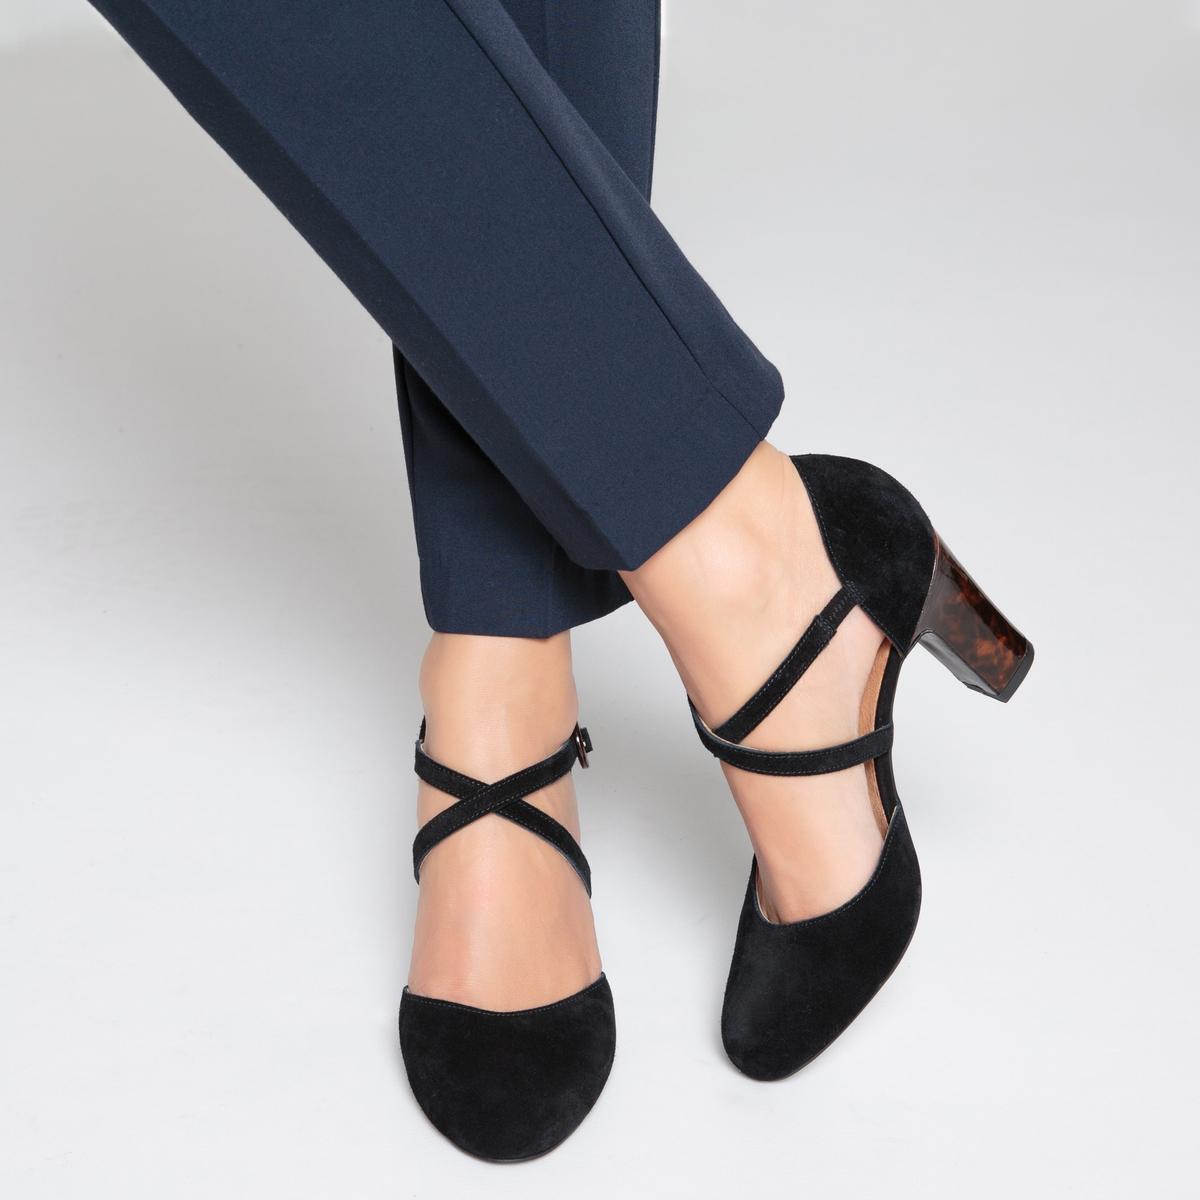 Туфли на каблуке кожаные туфли la strada туфли на каблуке